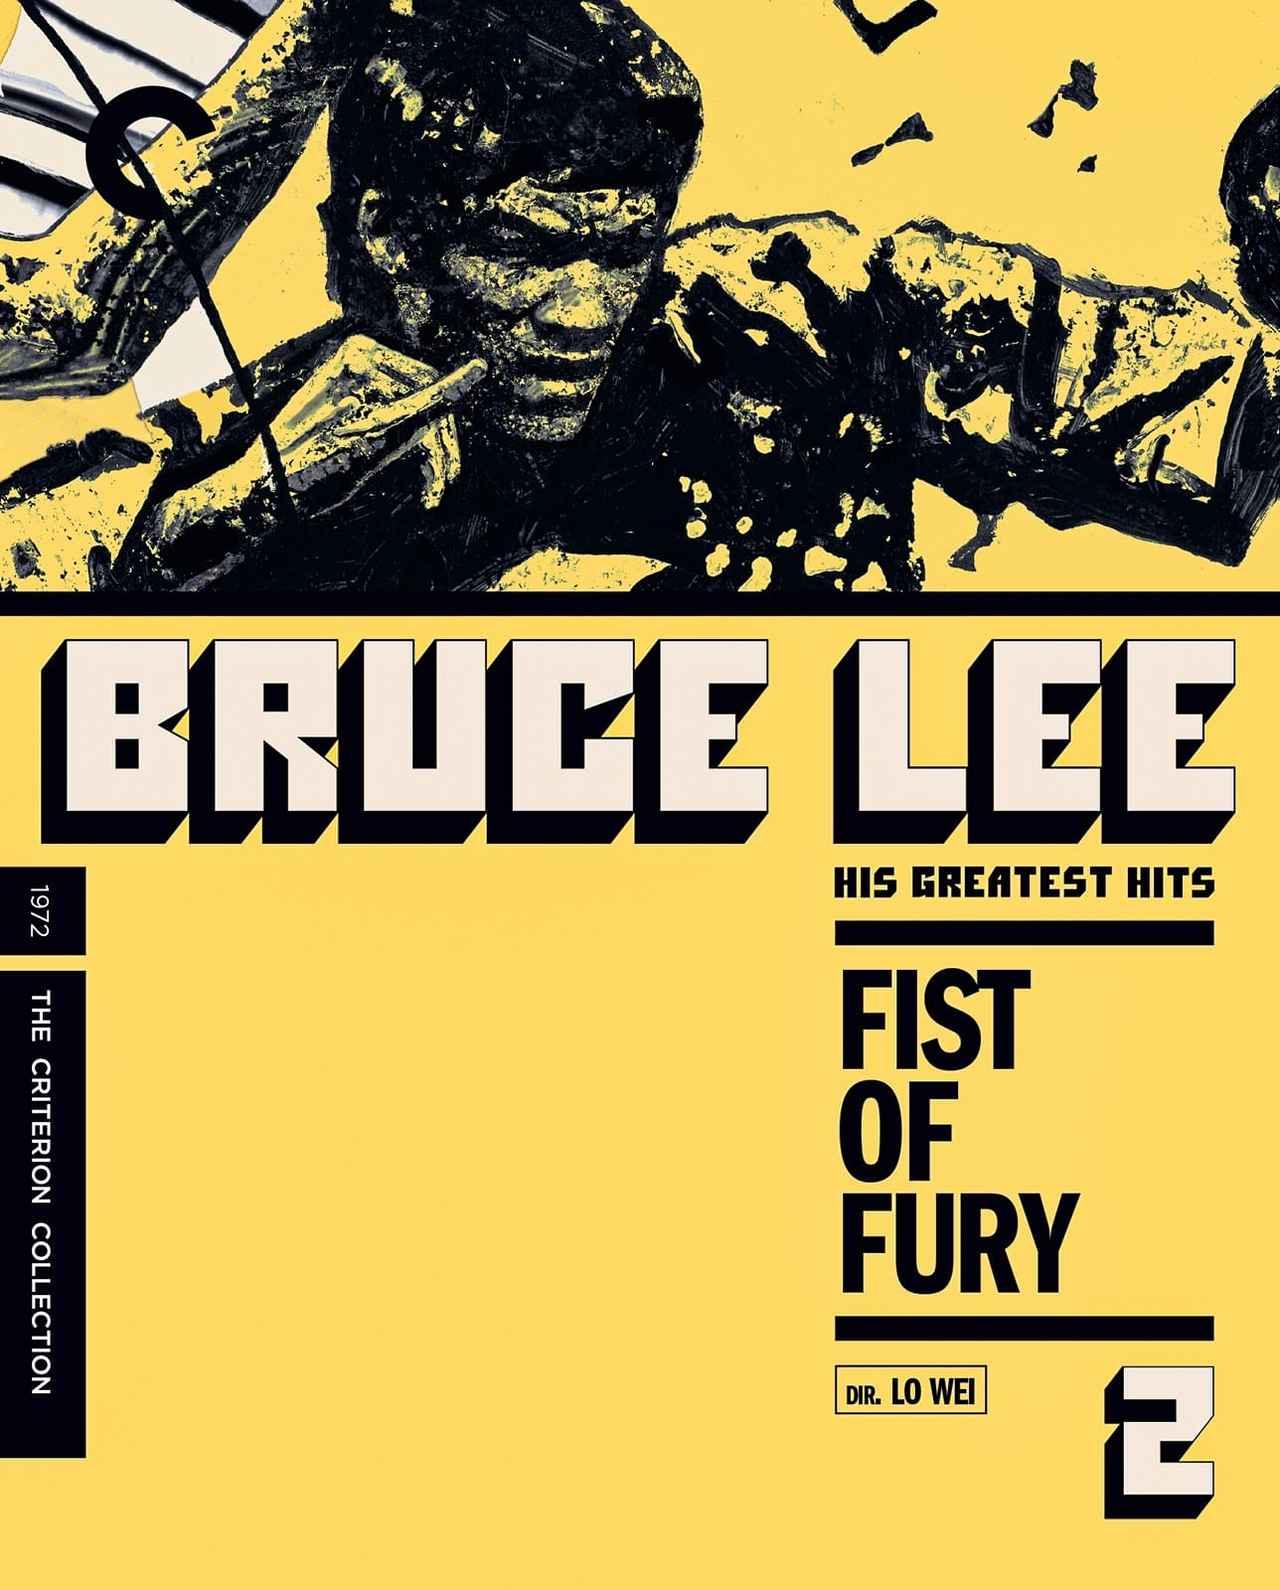 画像: FIST OF FURY/ドラゴン怒りの鉄拳 (1971) 製作レイモンド・チョー 監督・脚本ロー・ウェイ 撮影チェン・チン・チェー 音楽ジョセフ・クー 共演ノラ・ミヤオ、ロバート・ベイカー